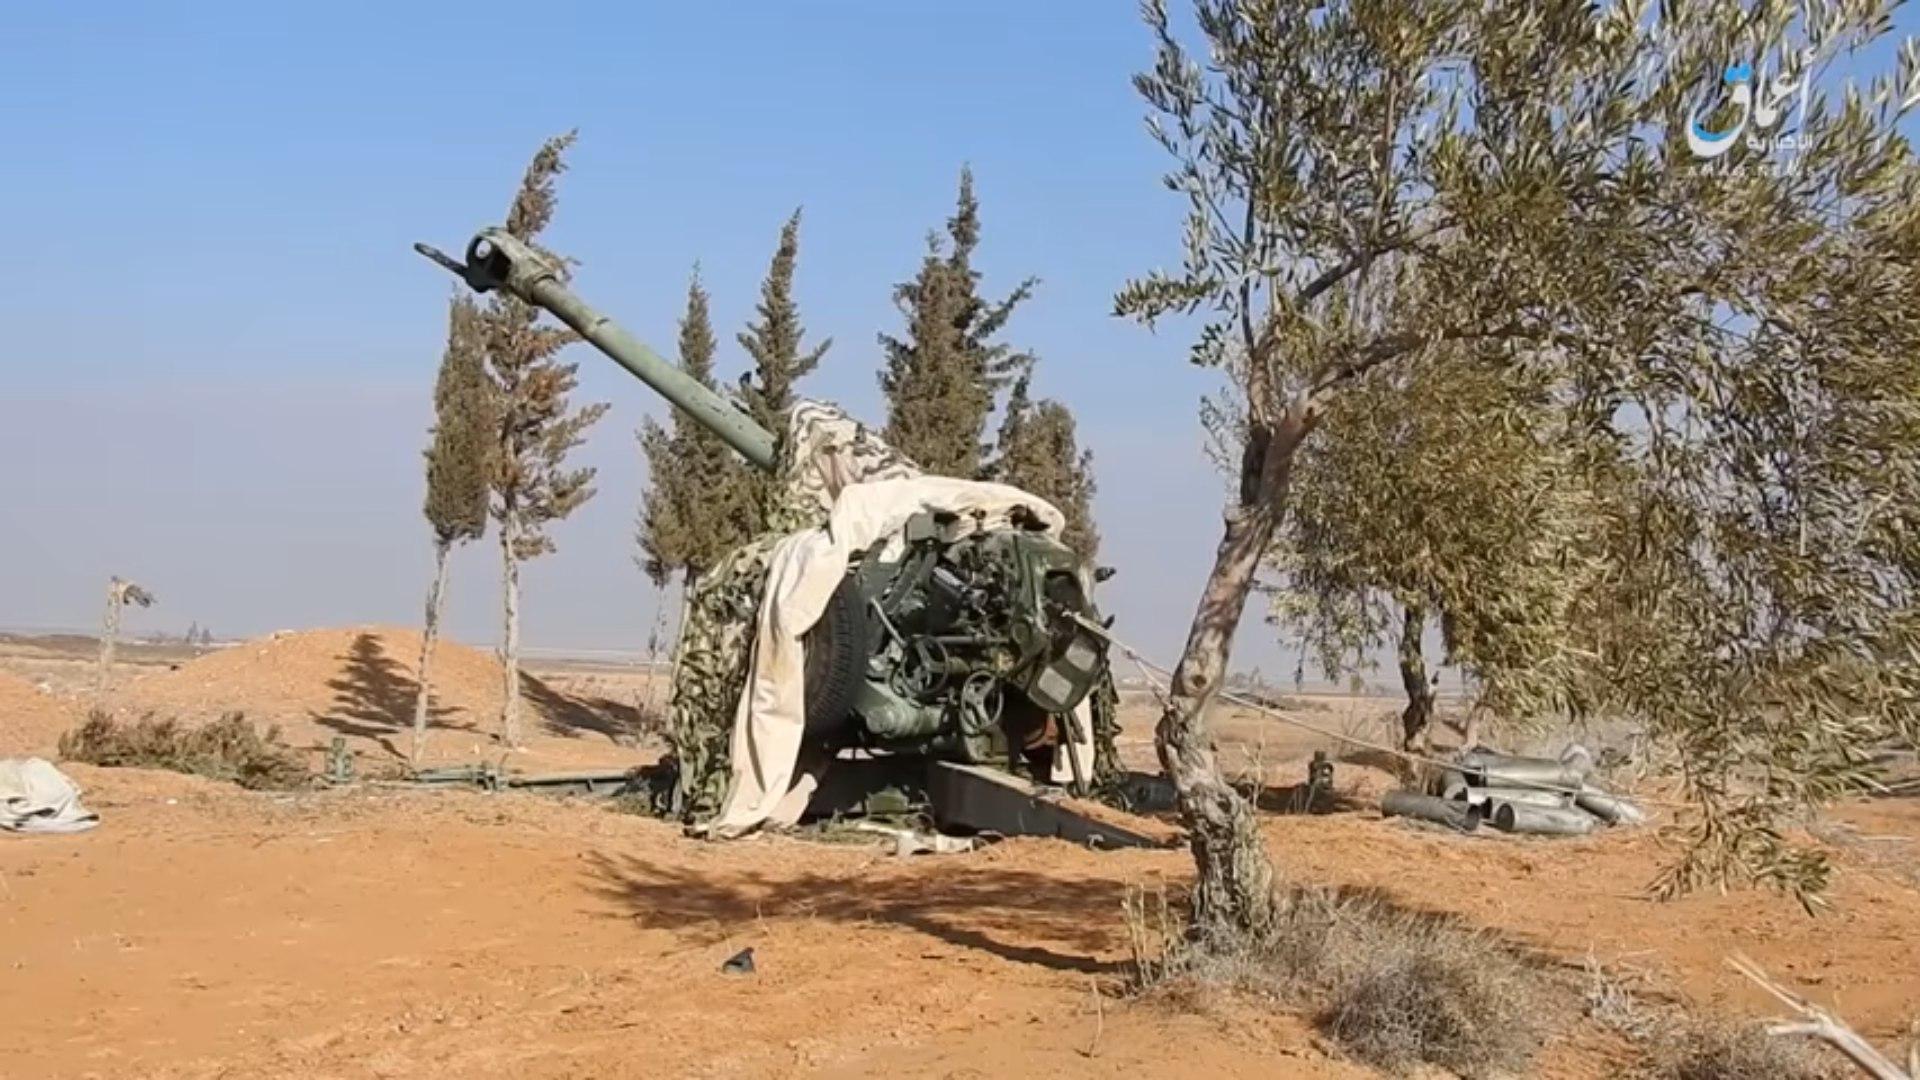 [BIZTPOL] Szíria és Irak - 4. - Page 2 Av-022Kxm7c